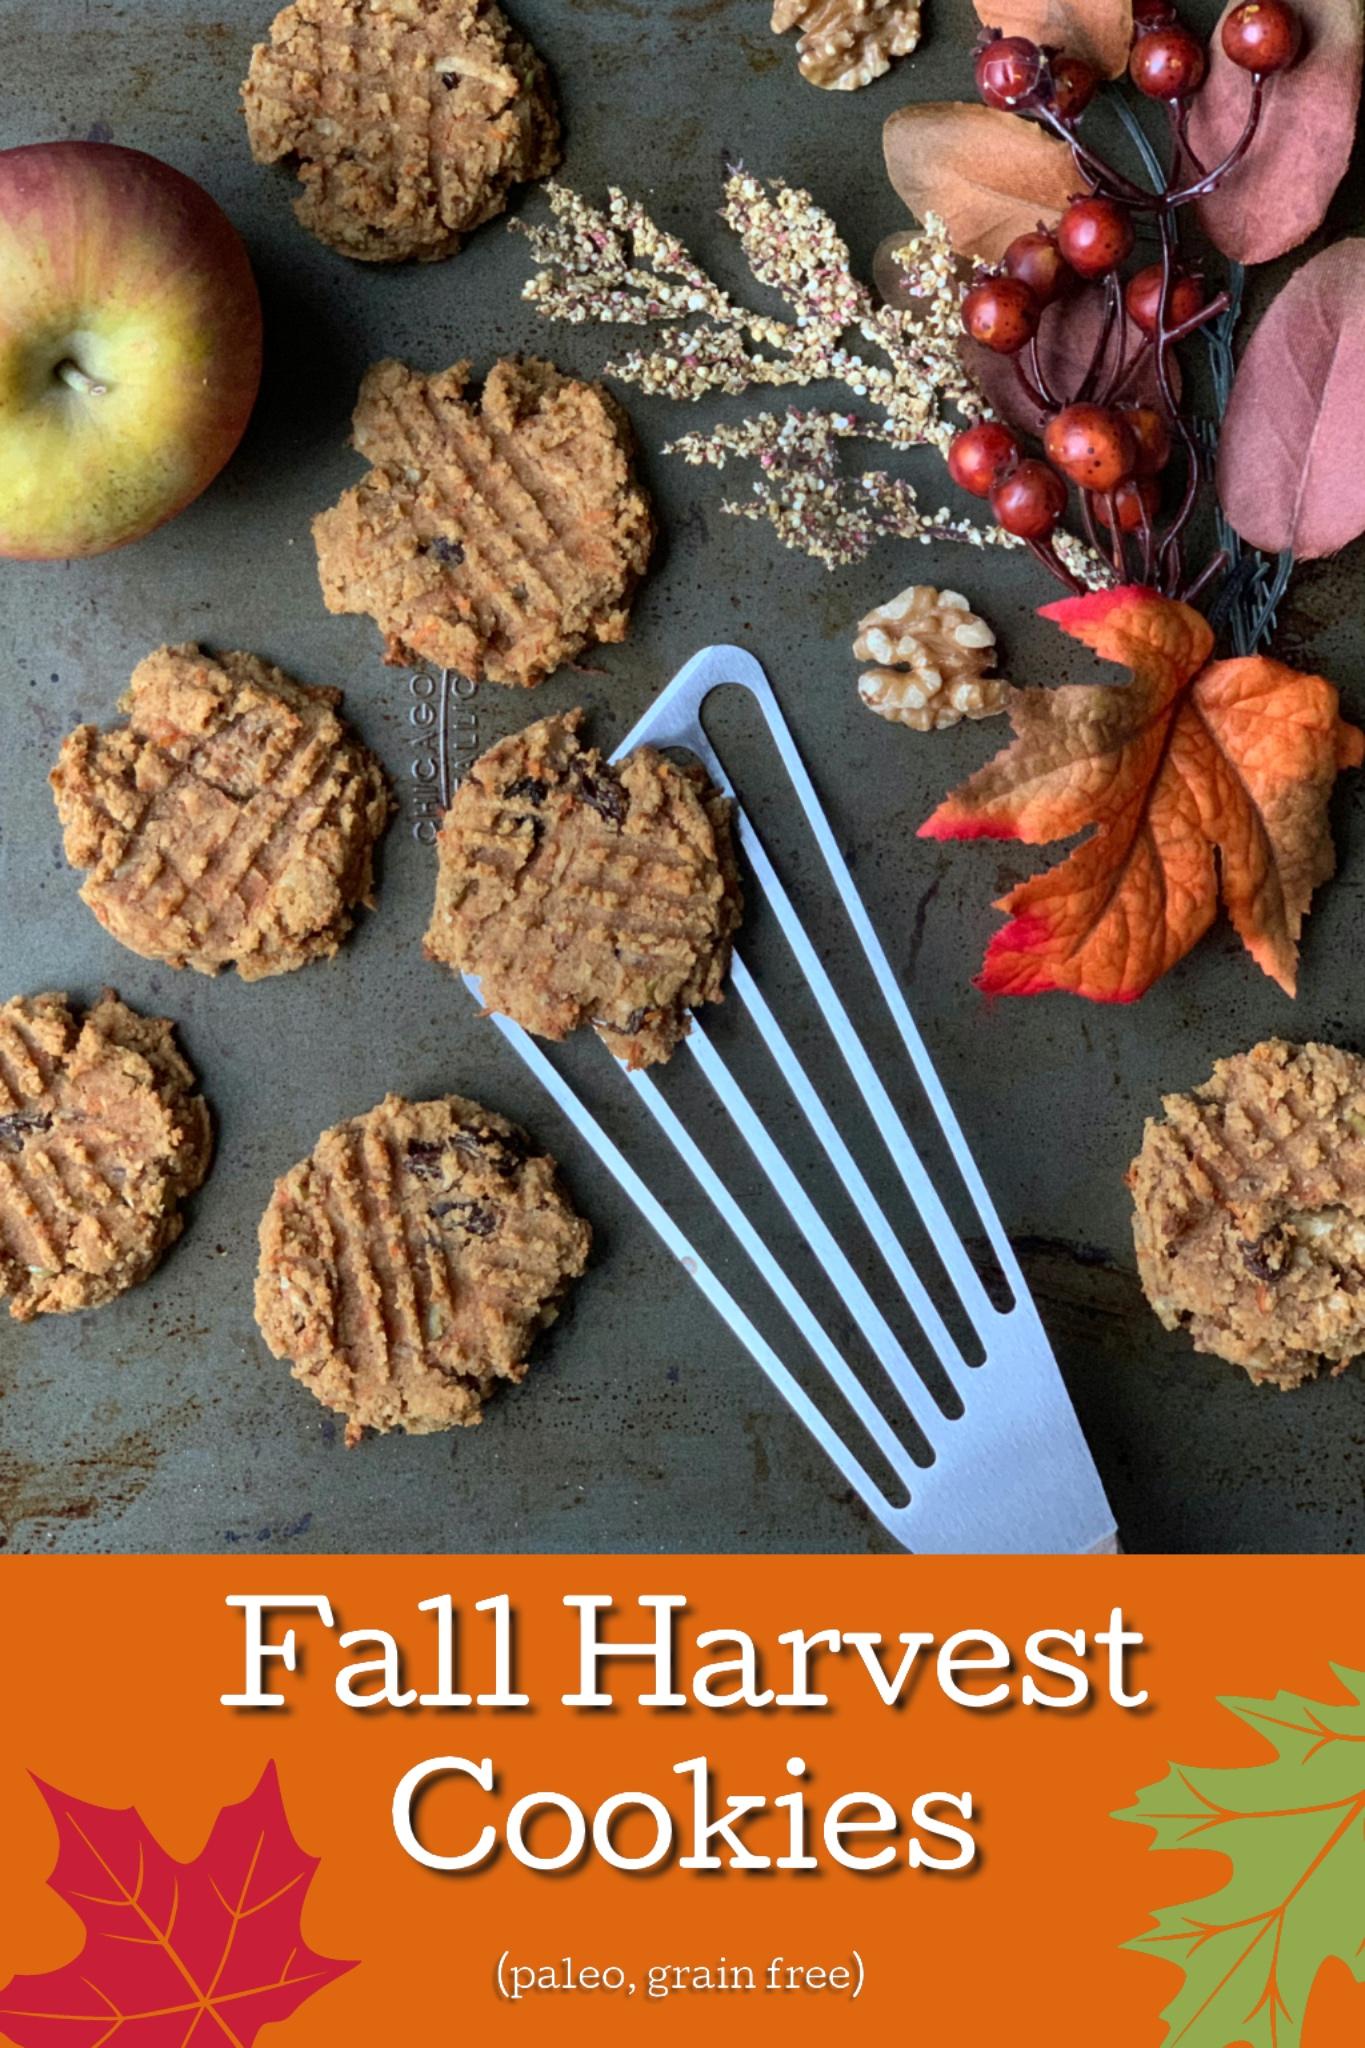 Fall Harvest Cookies | My Skinny Sweet Tooth